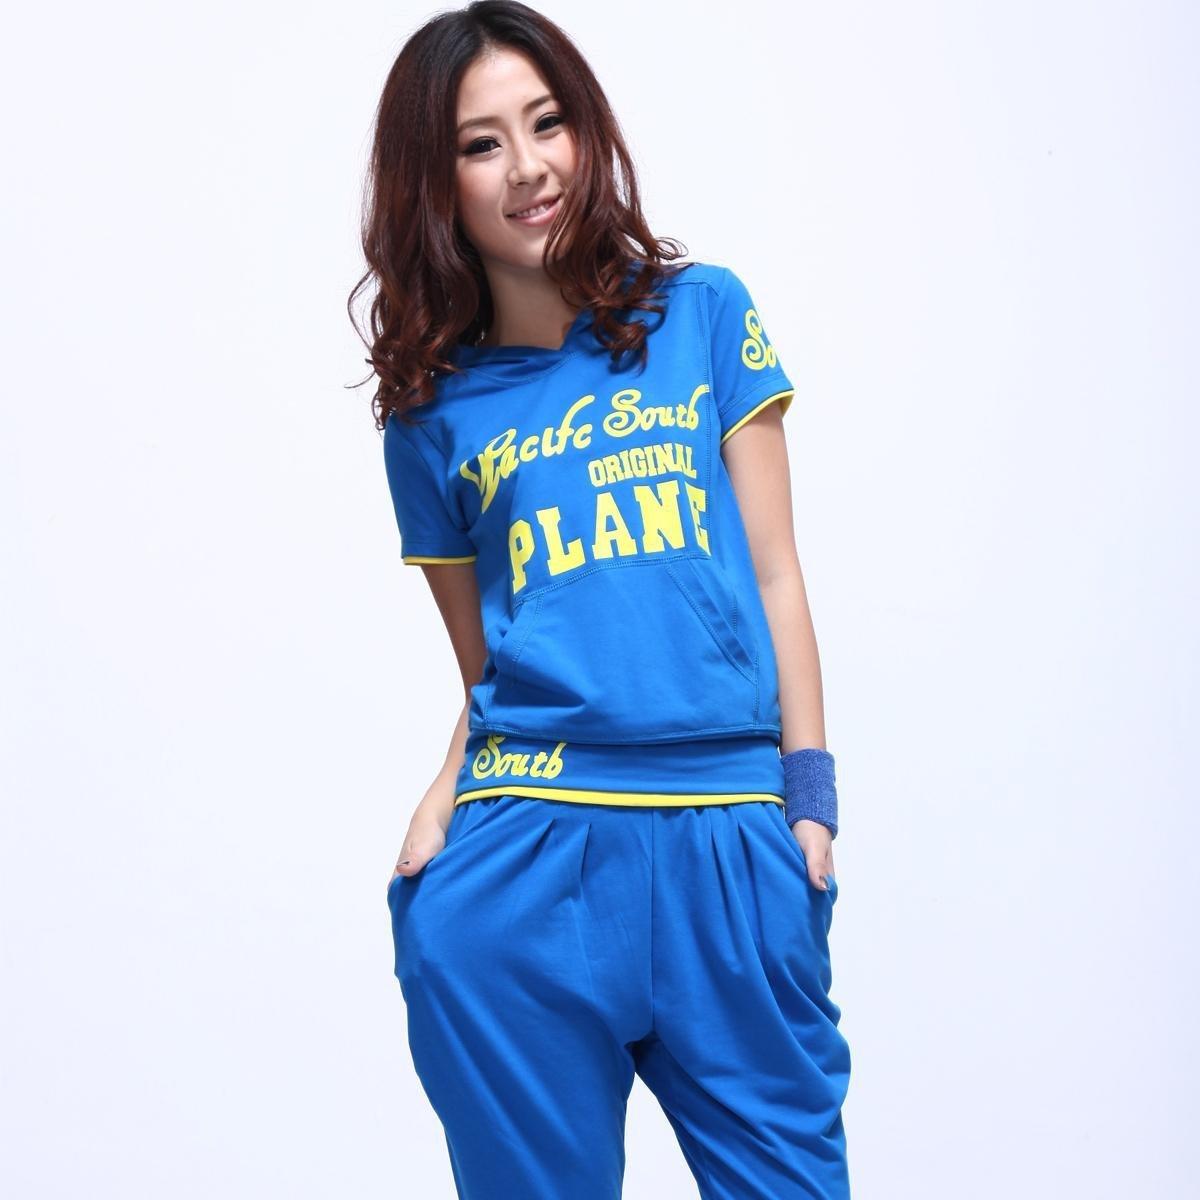 Женская модная спортивная одежда - фото для всех видов спорт ... b2948391a08